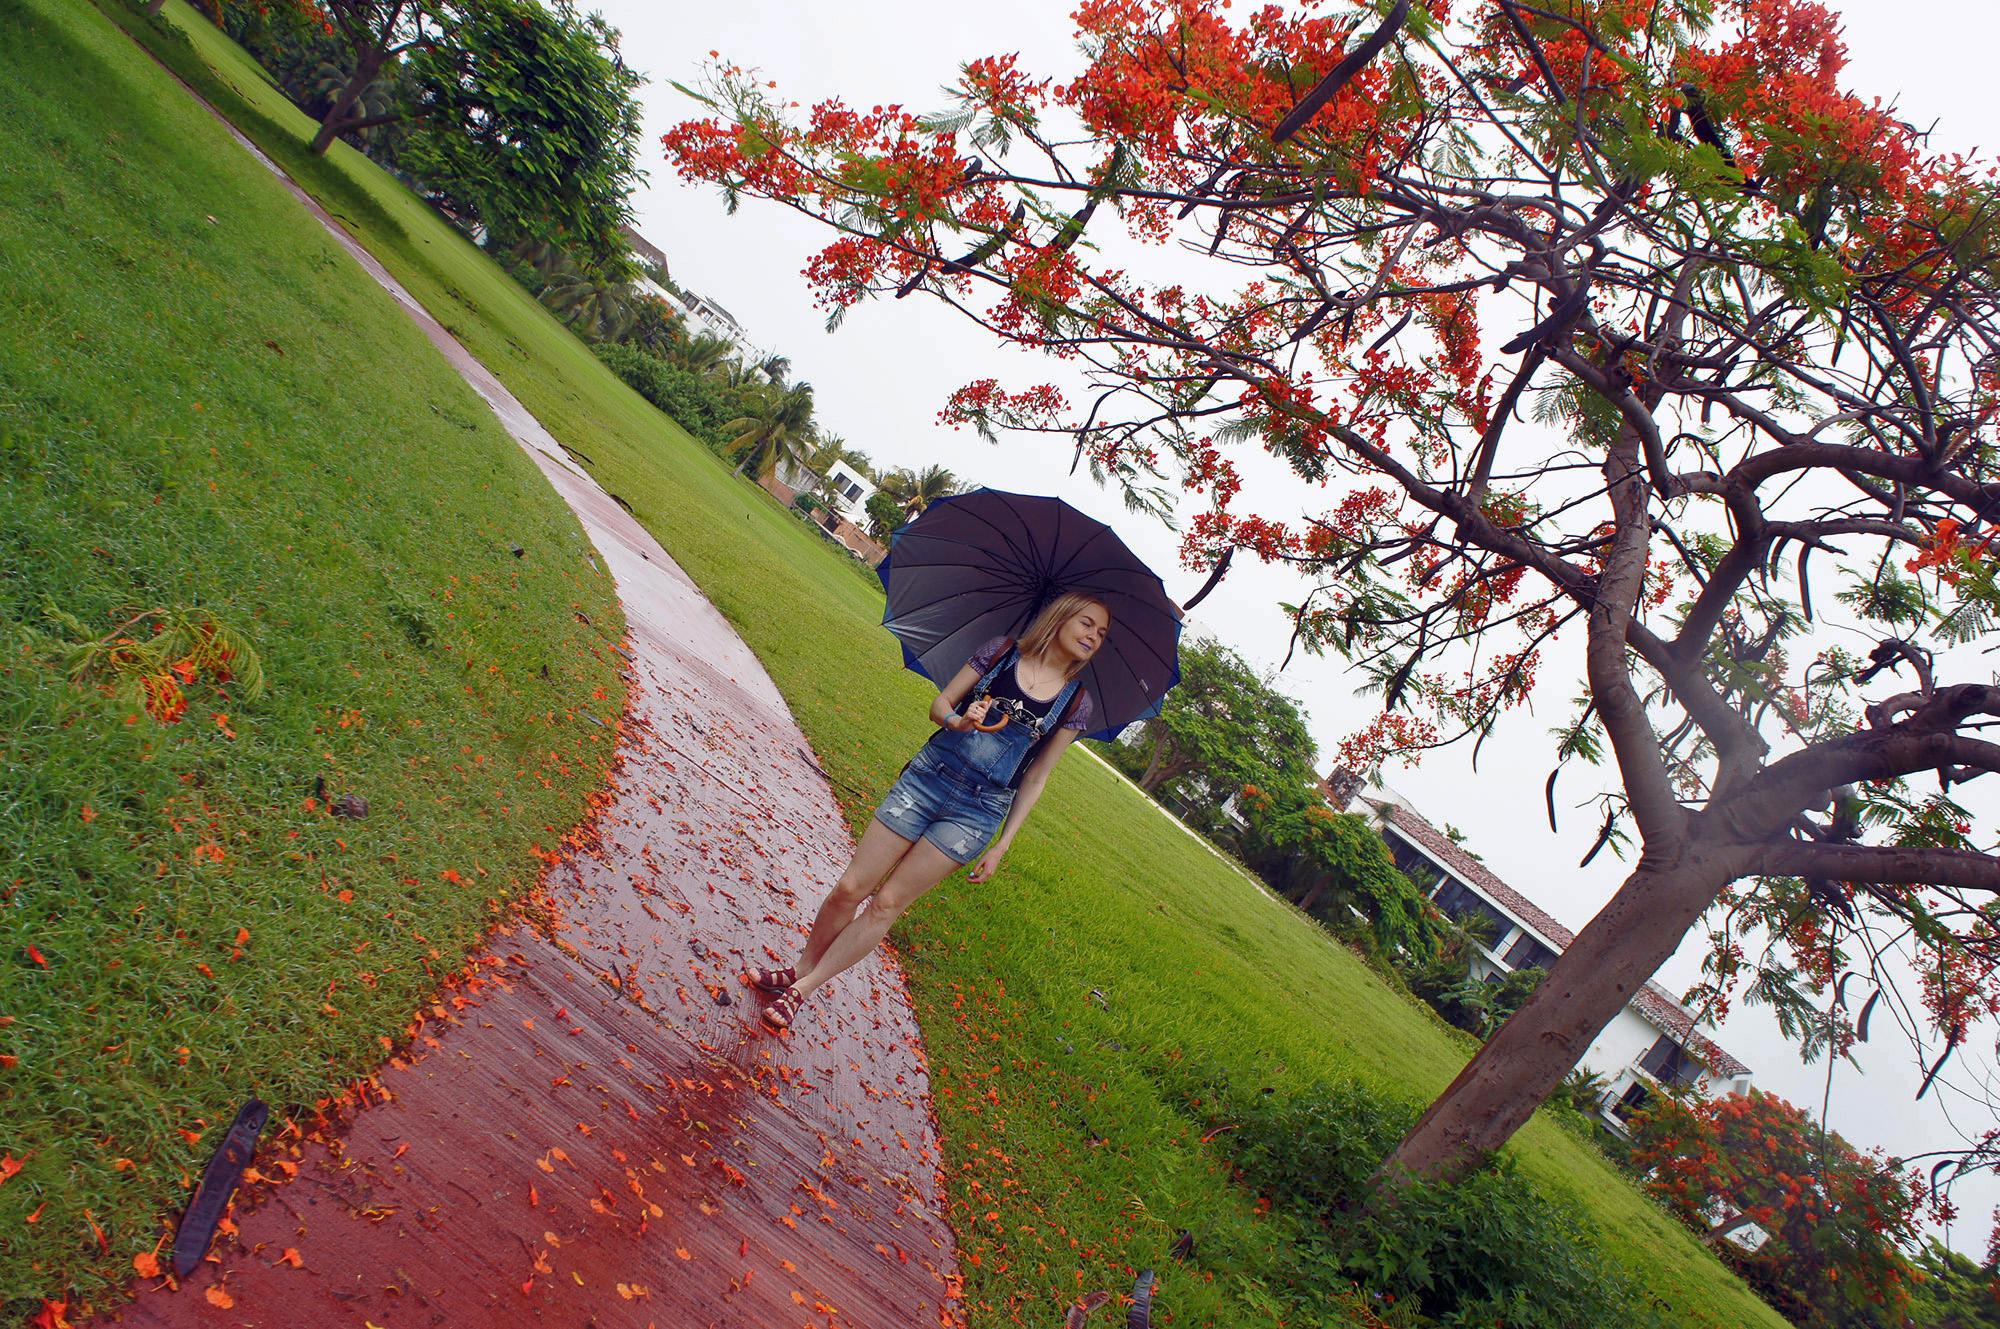 Два дня из десяти шёл дождь. Погода напоминала осень, и казалось, что вот-вот должен пойти снег